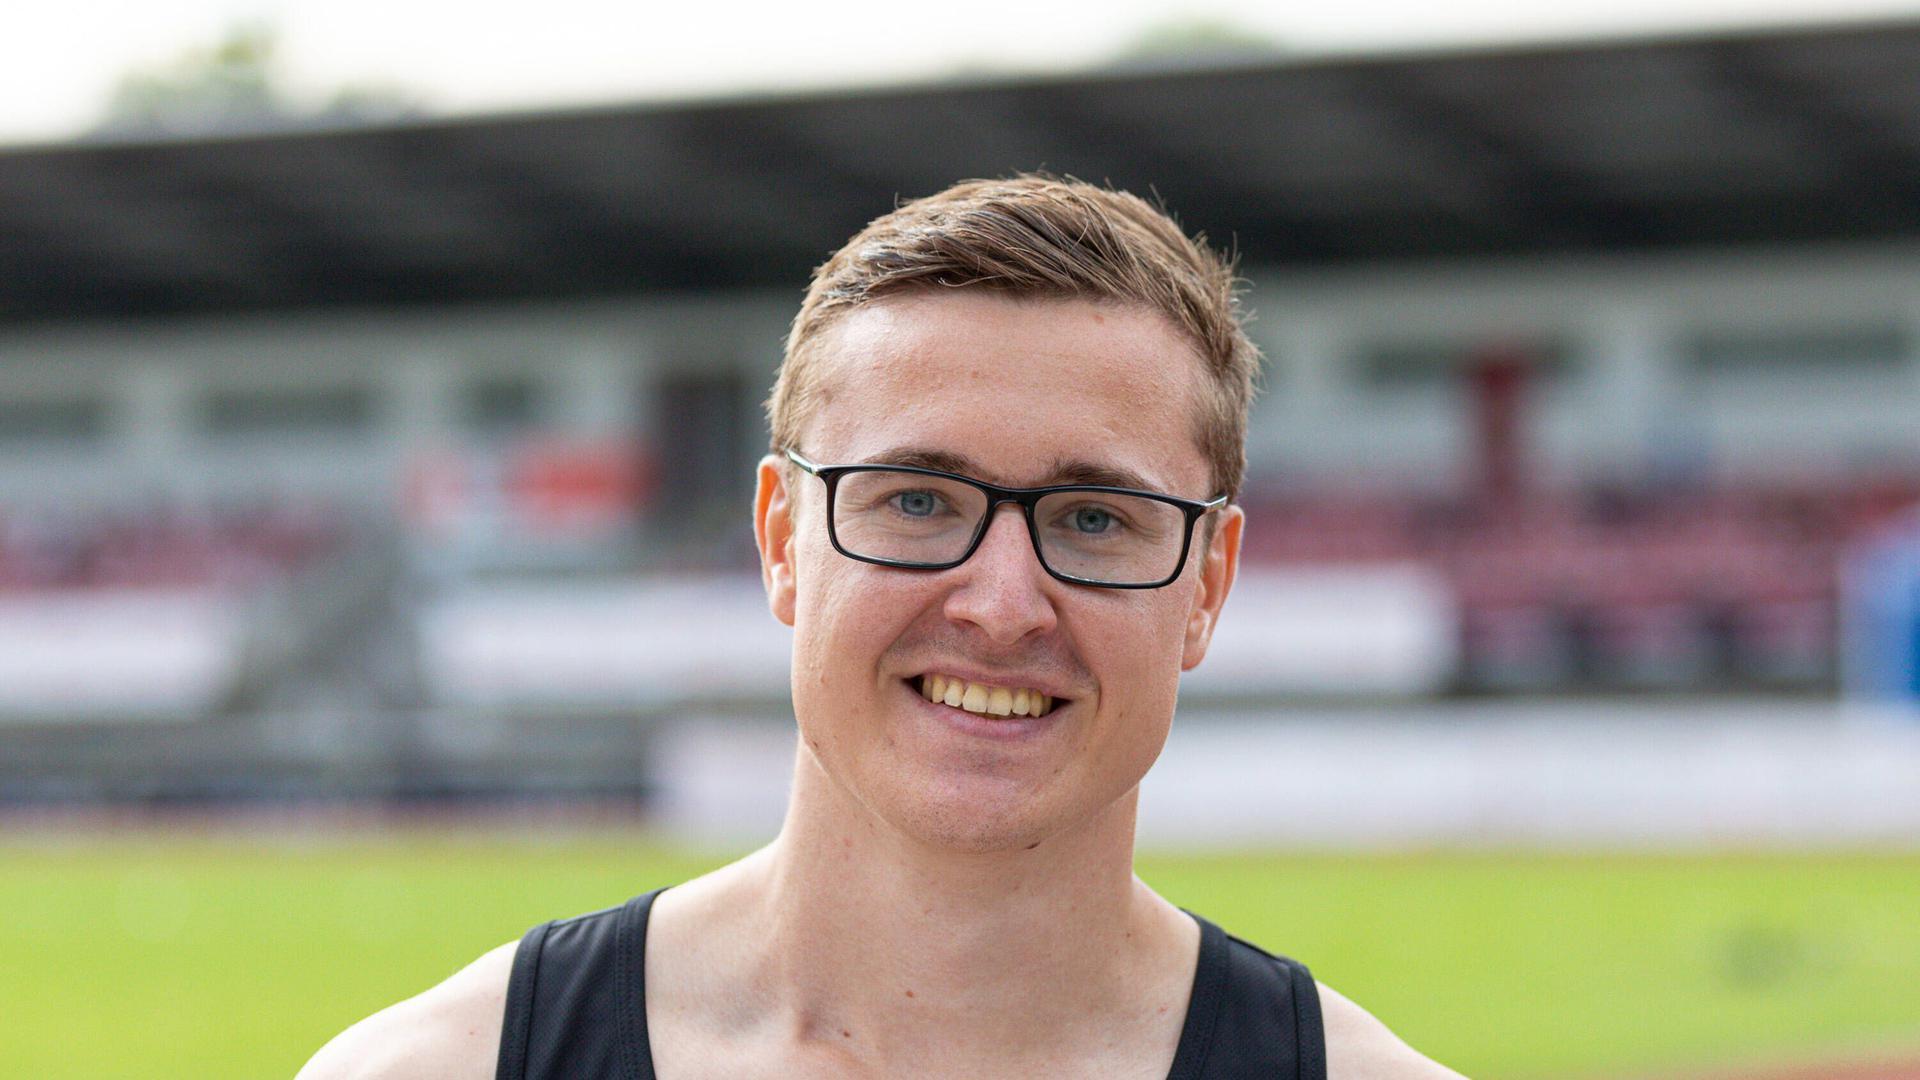 Auf dem Weg nach oben: Yannick Spissinger, der aus den Reihen des Rastatter TV hervorgegangen ist, hat sich bei der MTG Mannheim zu einem der besten deutschen Hürdensprinter entwickelt.